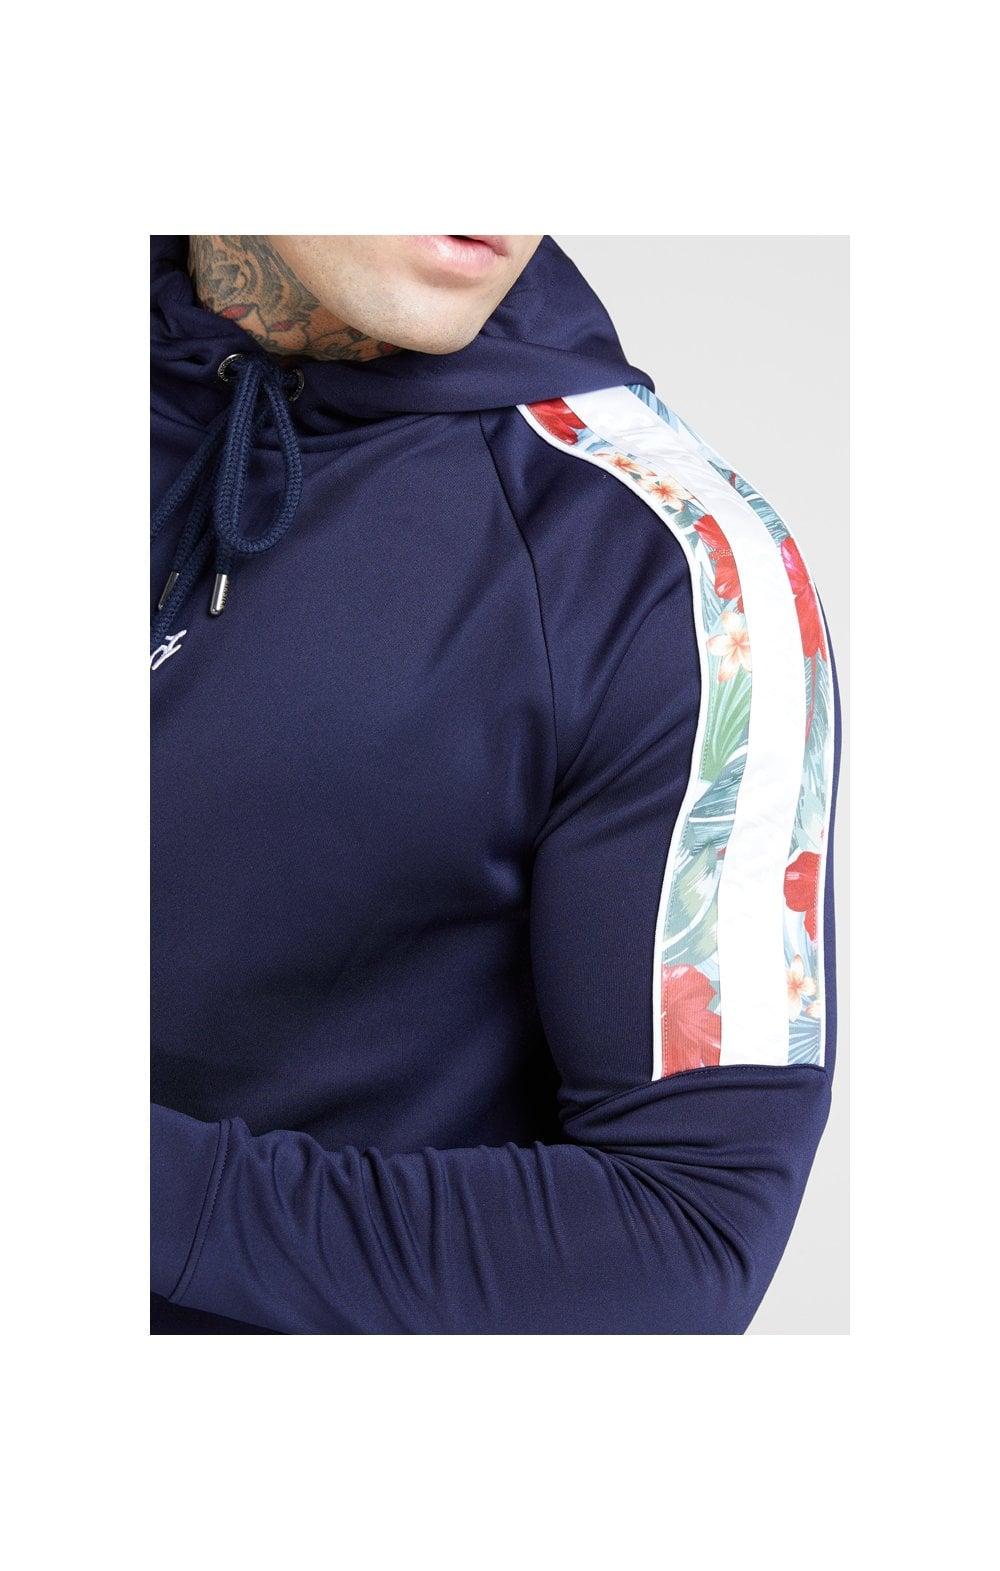 SikSilk Raglan Muscle Fit Overhead Hoodie - Navy  MEN SIZES TOP: Large